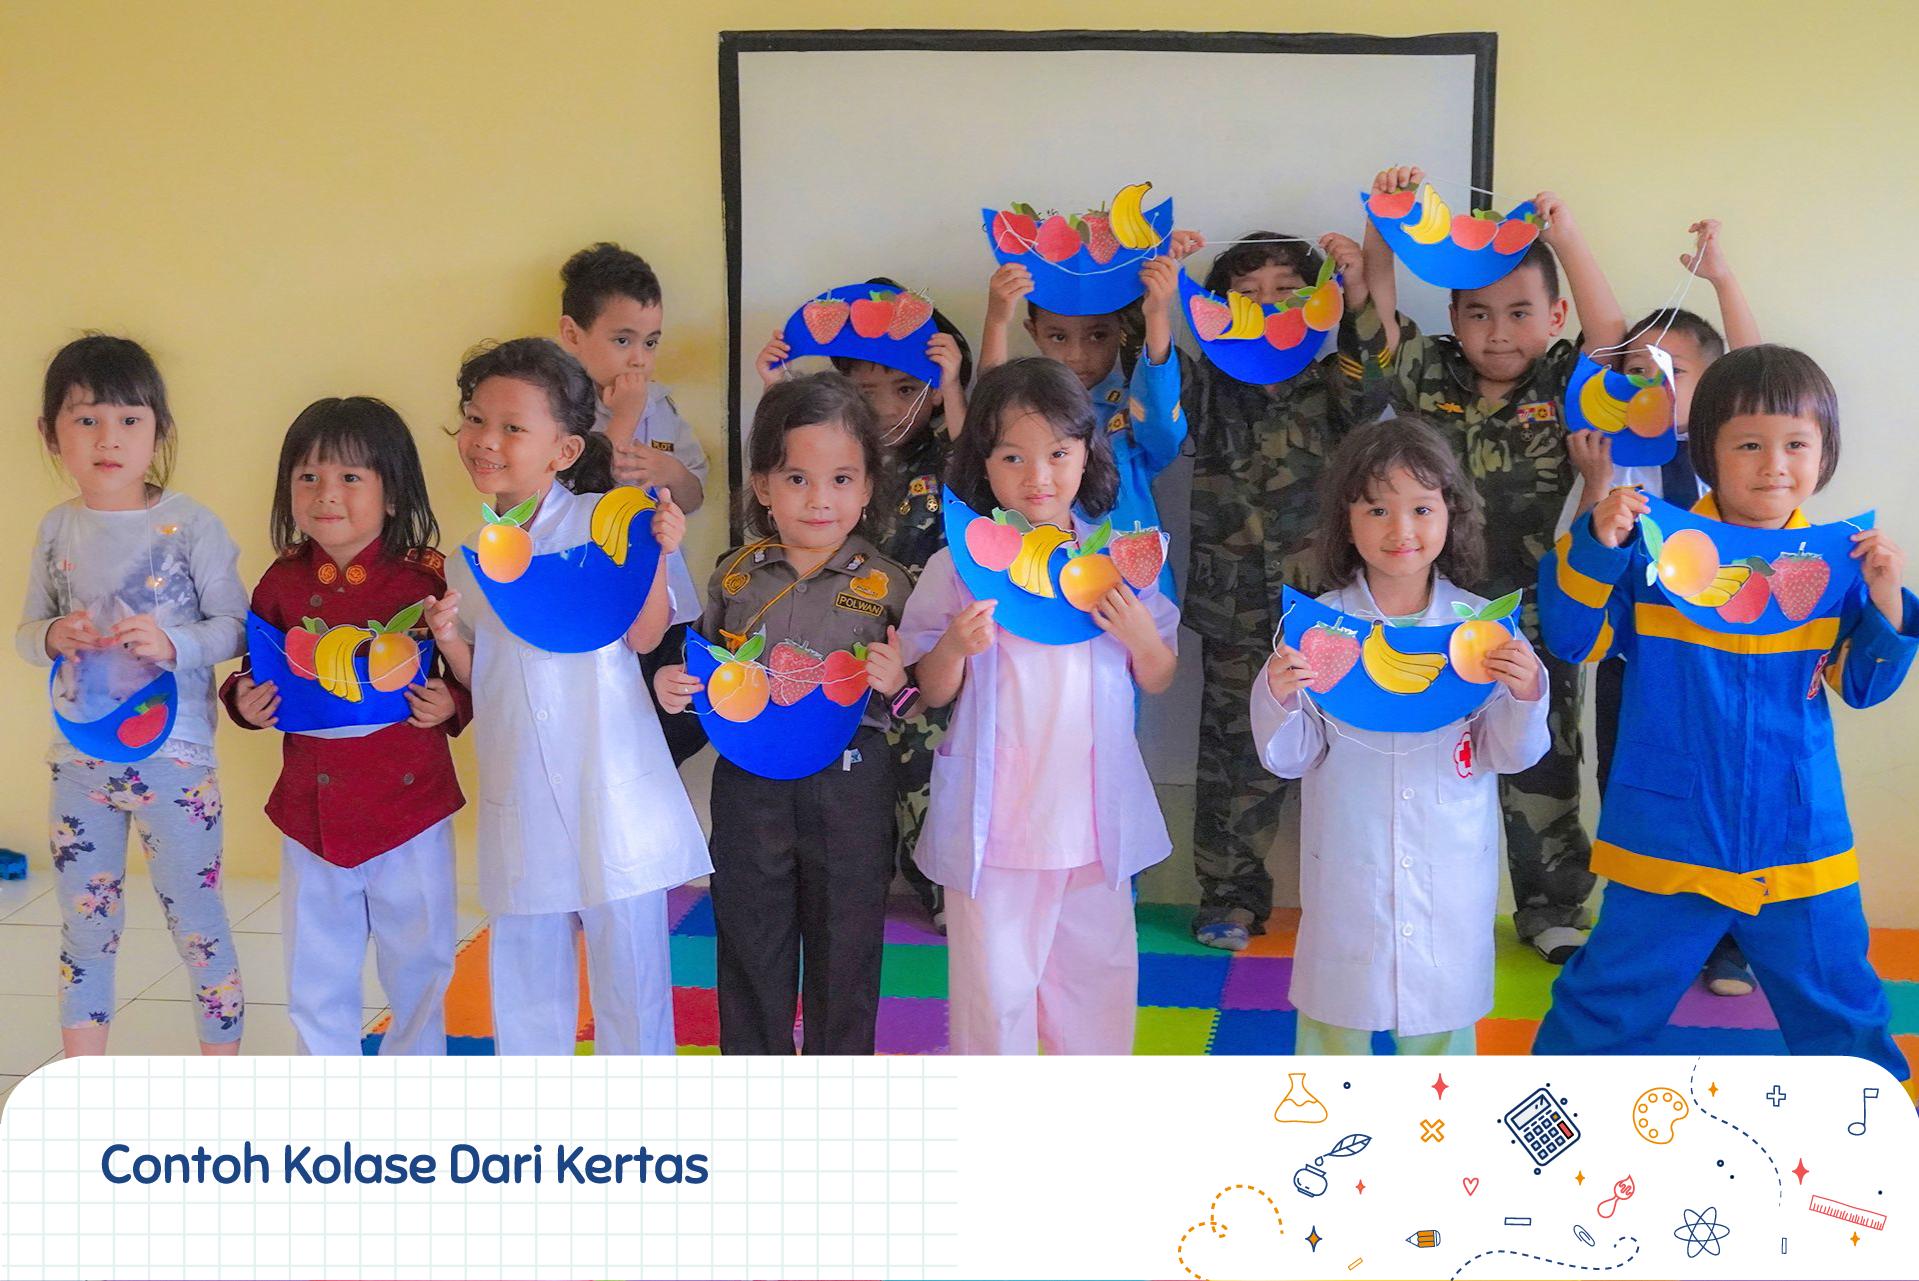 Foto Keluarga Merupakan Contoh Karya Ekspresi Pendidikan Anak Usia Dini Anak Foto Keluarga